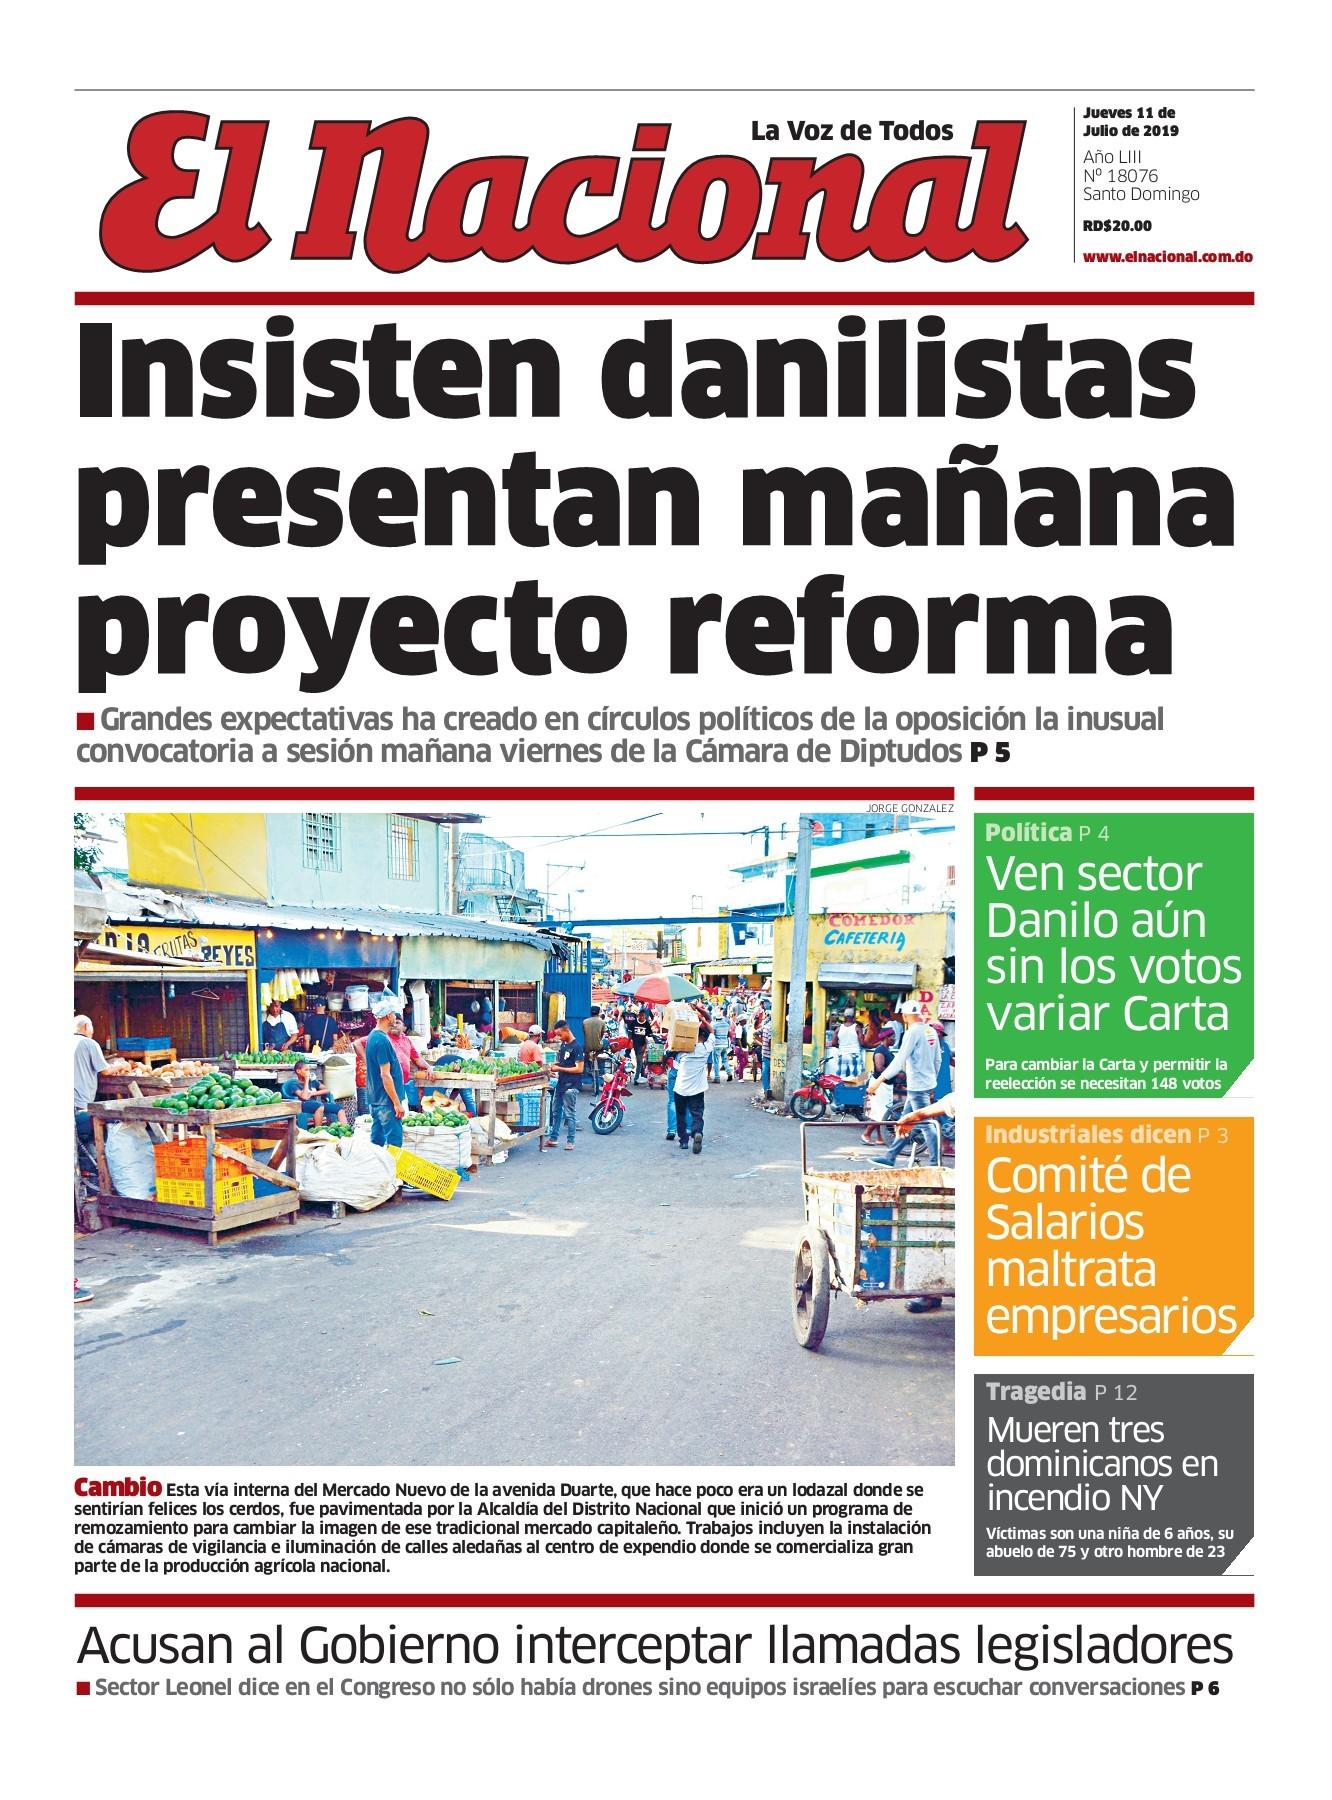 Portada Periódico El Nacional, Jueves 11 de Julio, 2019